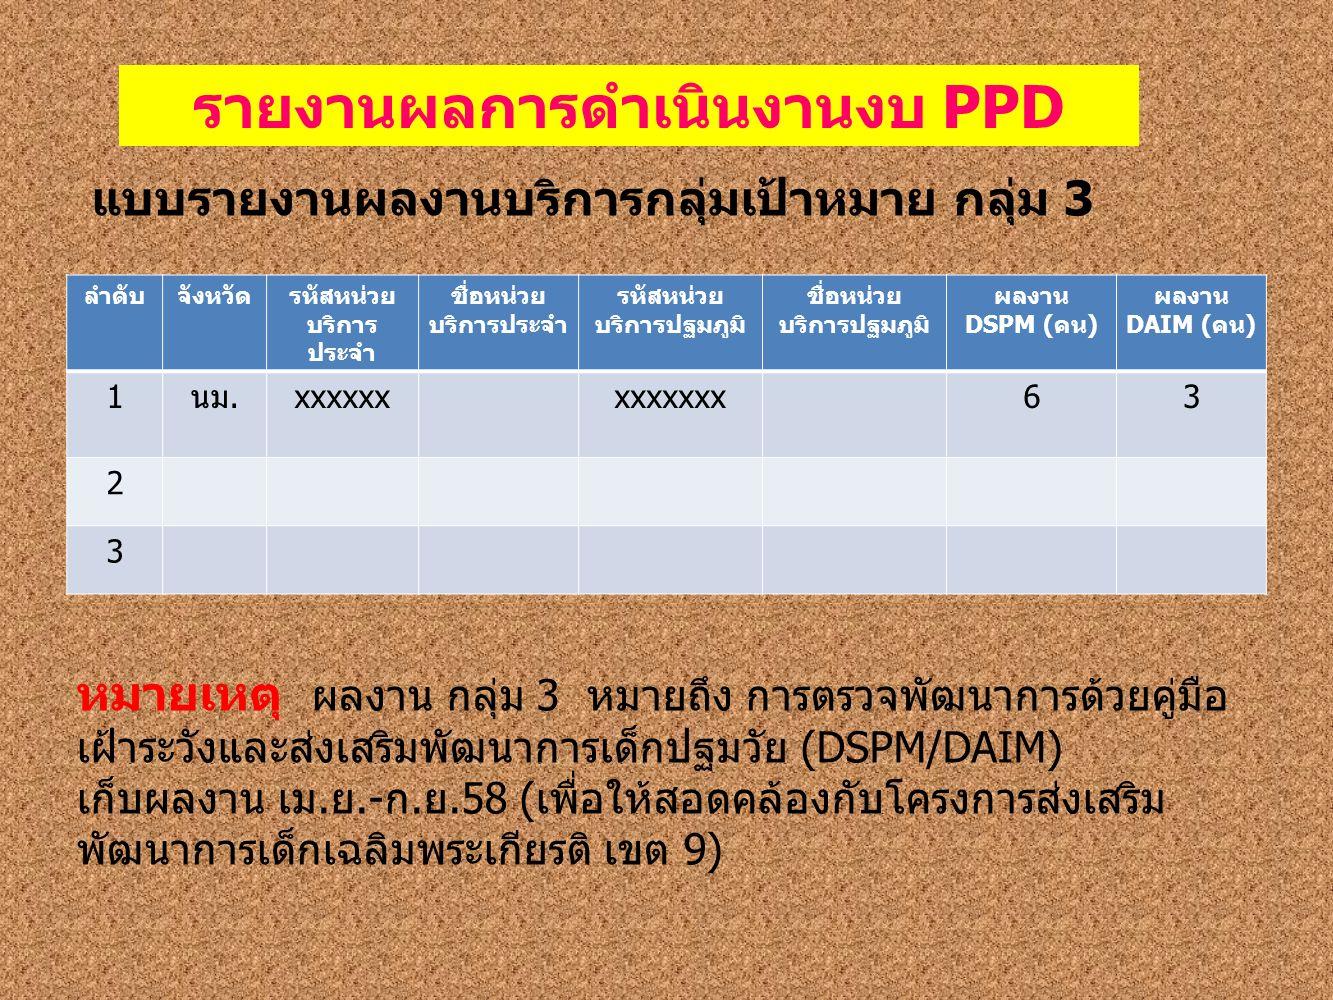 ลำดับจังหวัดรหัสหน่วย บริการ ประจำ ชื่อหน่วย บริการประจำ รหัสหน่วย บริการปฐมภูมิ ชื่อหน่วย บริการปฐมภูมิ ผลงาน DSPM (คน) ผลงาน DAIM (คน) 1นม.xxxxxxxxxxxxx63 2 3 รายงานผลการดำเนินงานงบ PPD แบบรายงานผลงานบริการกลุ่มเป้าหมาย กลุ่ม 3 หมายเหตุ ผลงาน กลุ่ม 3 หมายถึง การตรวจพัฒนาการด้วยคู่มือ เฝ้าระวังและส่งเสริมพัฒนาการเด็กปฐมวัย (DSPM/DAIM) เก็บผลงาน เม.ย.-ก.ย.58 (เพื่อให้สอดคล้องกับโครงการส่งเสริม พัฒนาการเด็กเฉลิมพระเกียรติ เขต 9)